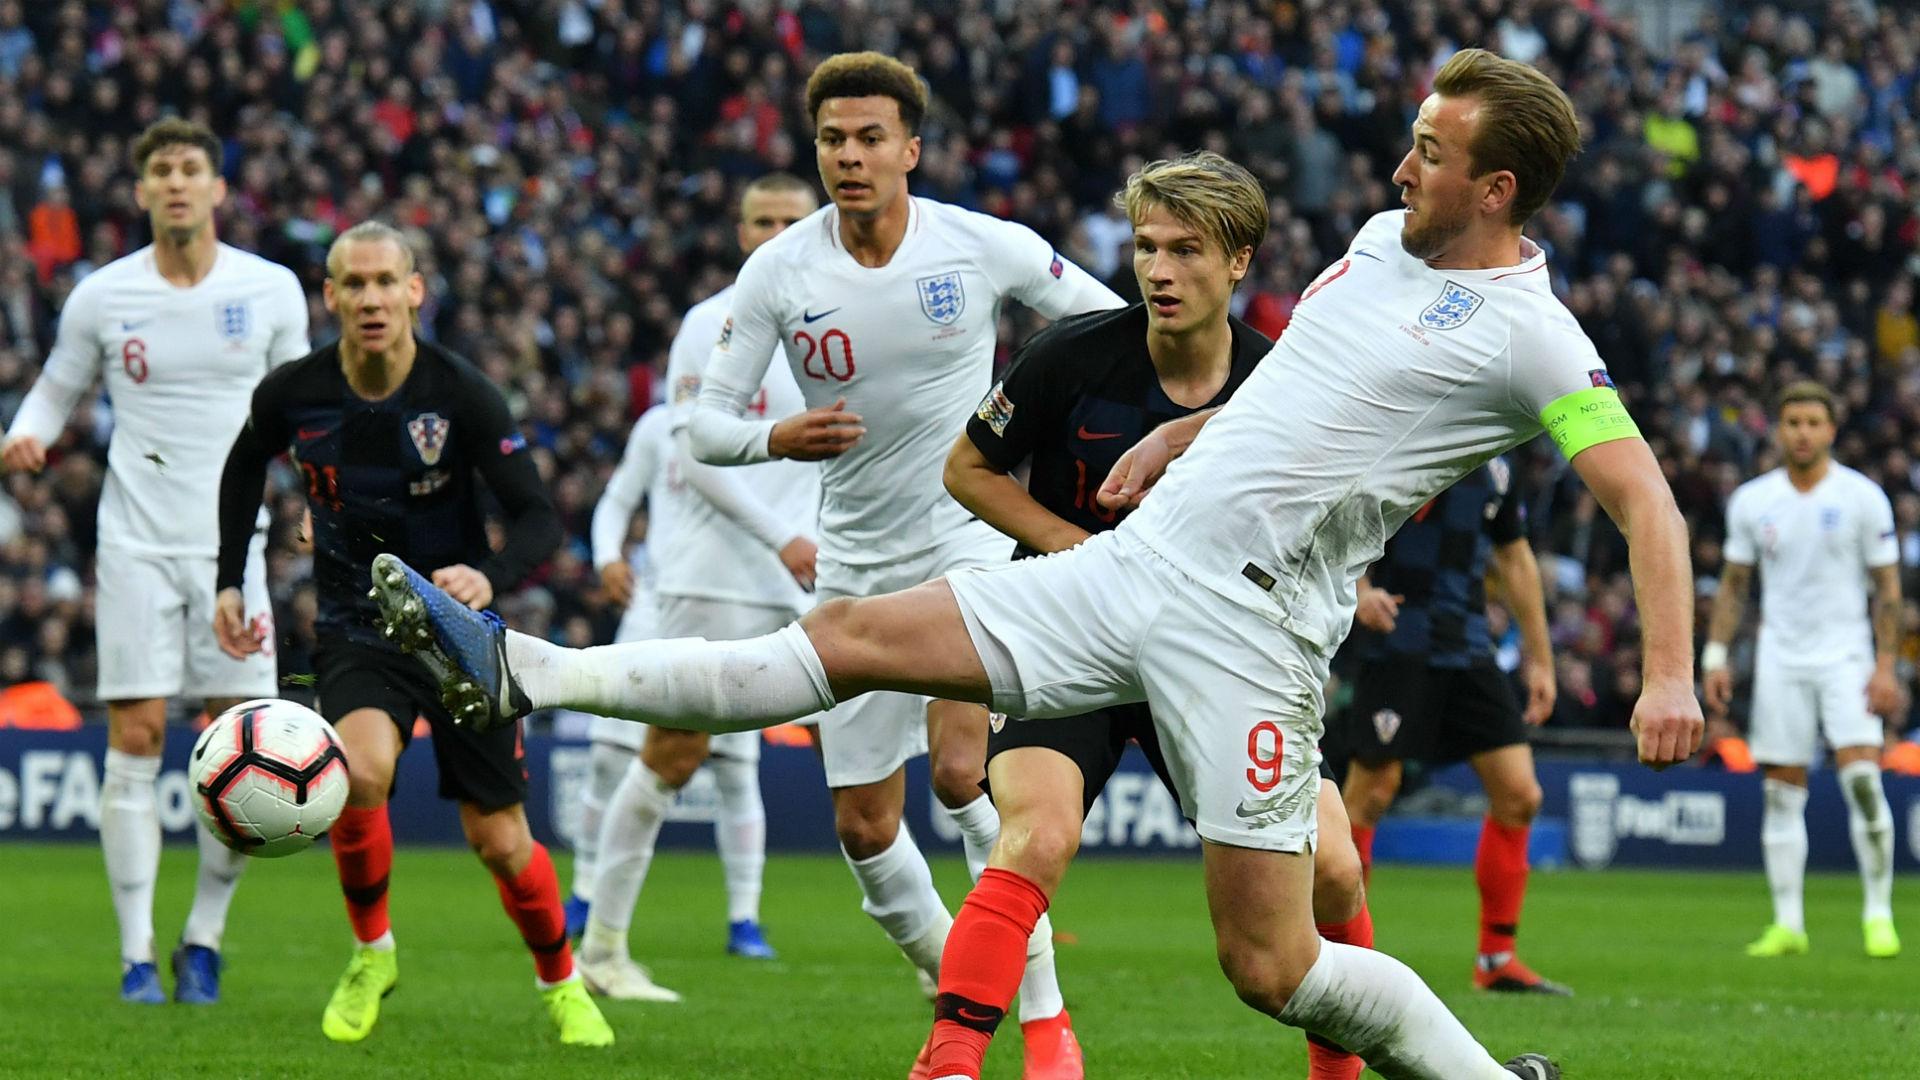 تأهل إنجلترا لنصف نهائي الأمم الأوروبية يتصدر عناوين صحف لندن